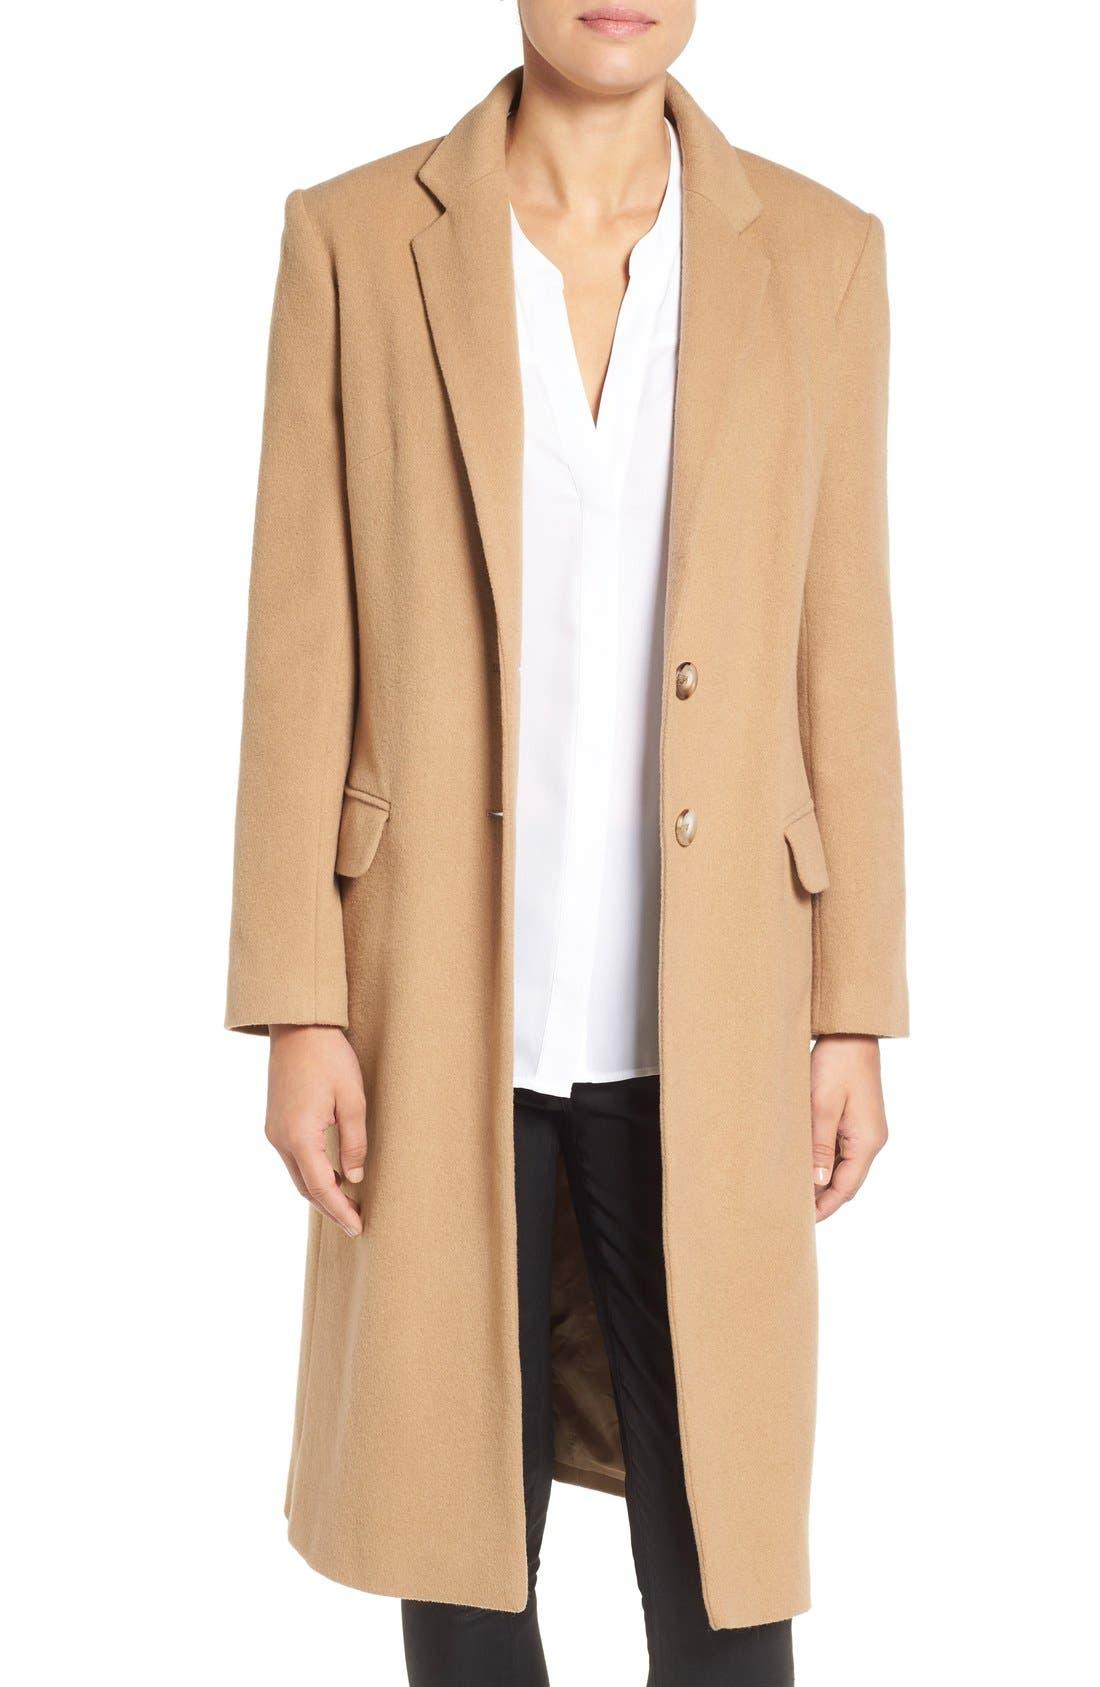 Alternate Image 1 Selected - Helene Berman Wool Blend College Coat